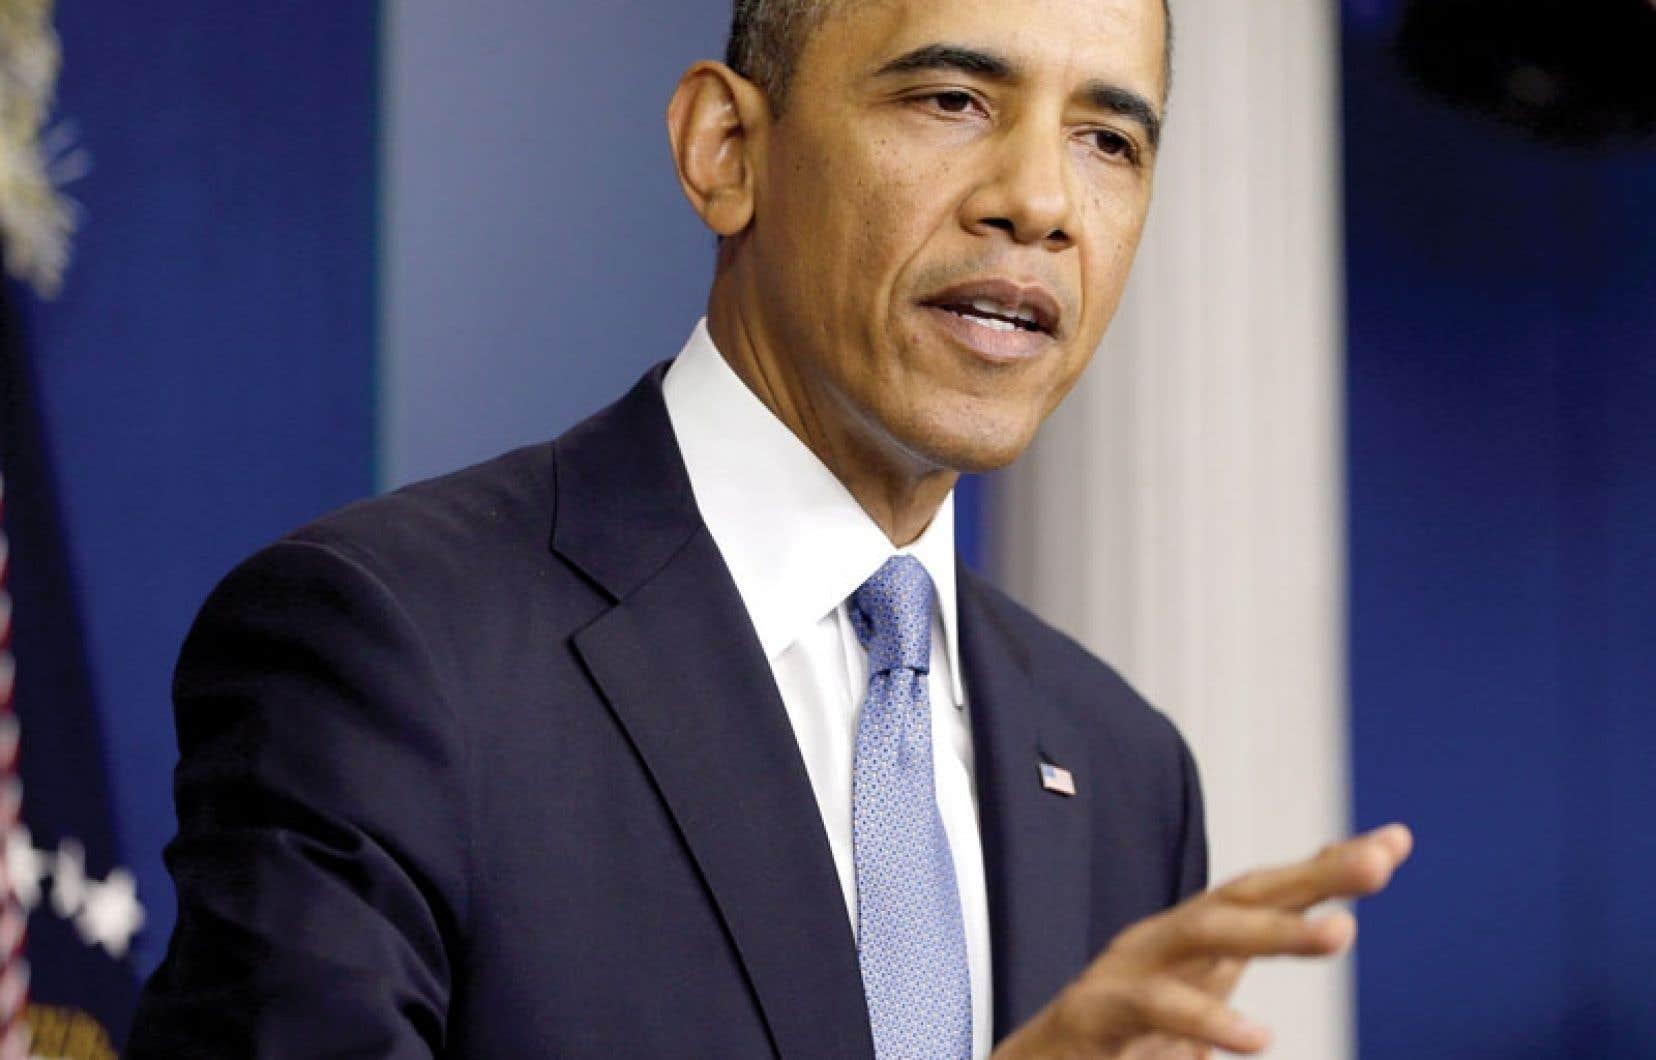 Lors d'un point de presse en après-midi, lundi, Barack Obama a reproché aux républicains de mettre en péril la fragile reprise économique aux États-Unis.